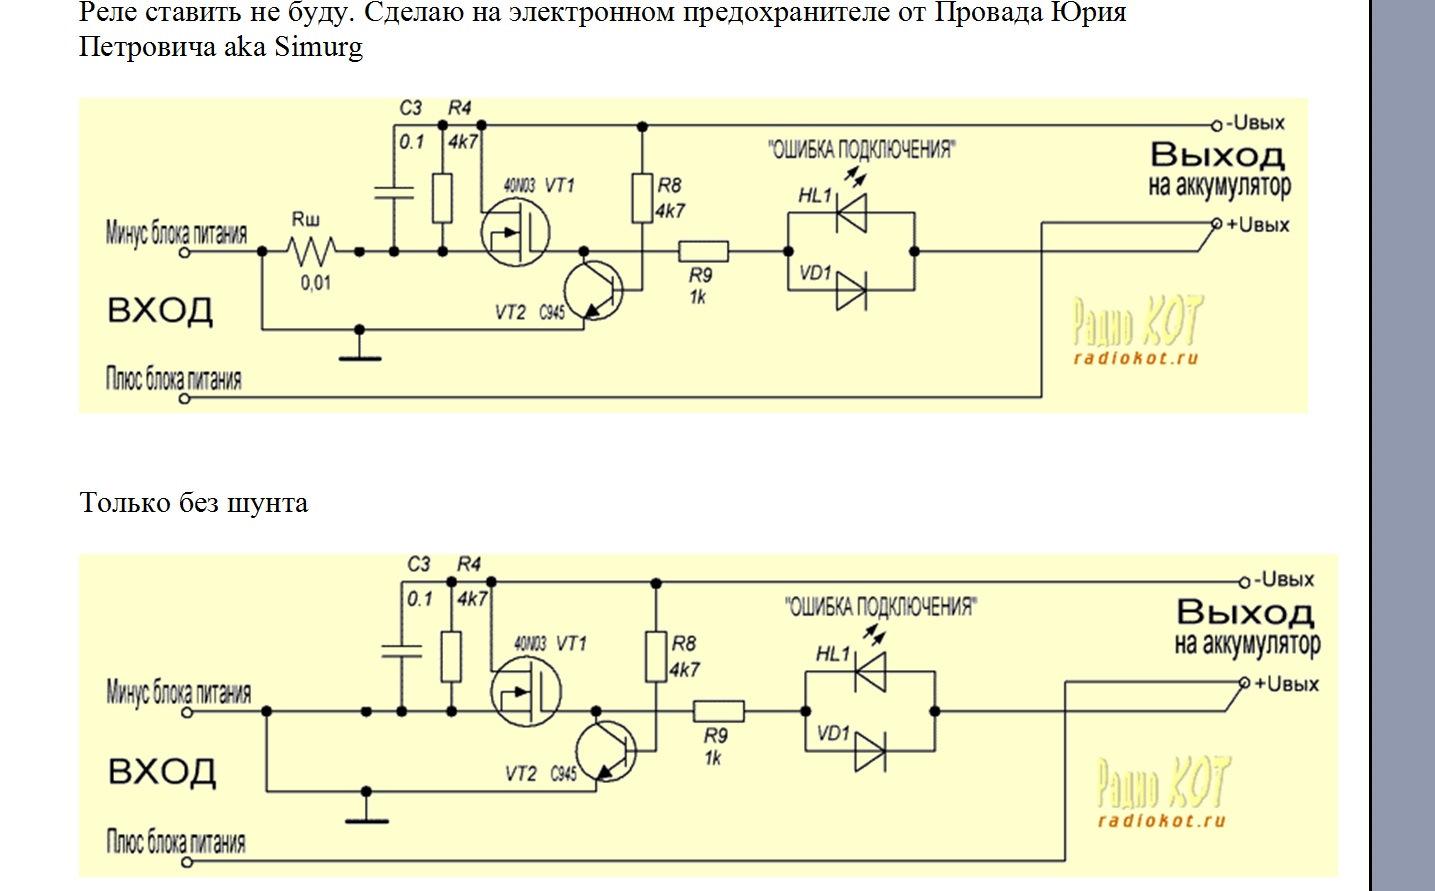 Схема реле с переполюсовкой